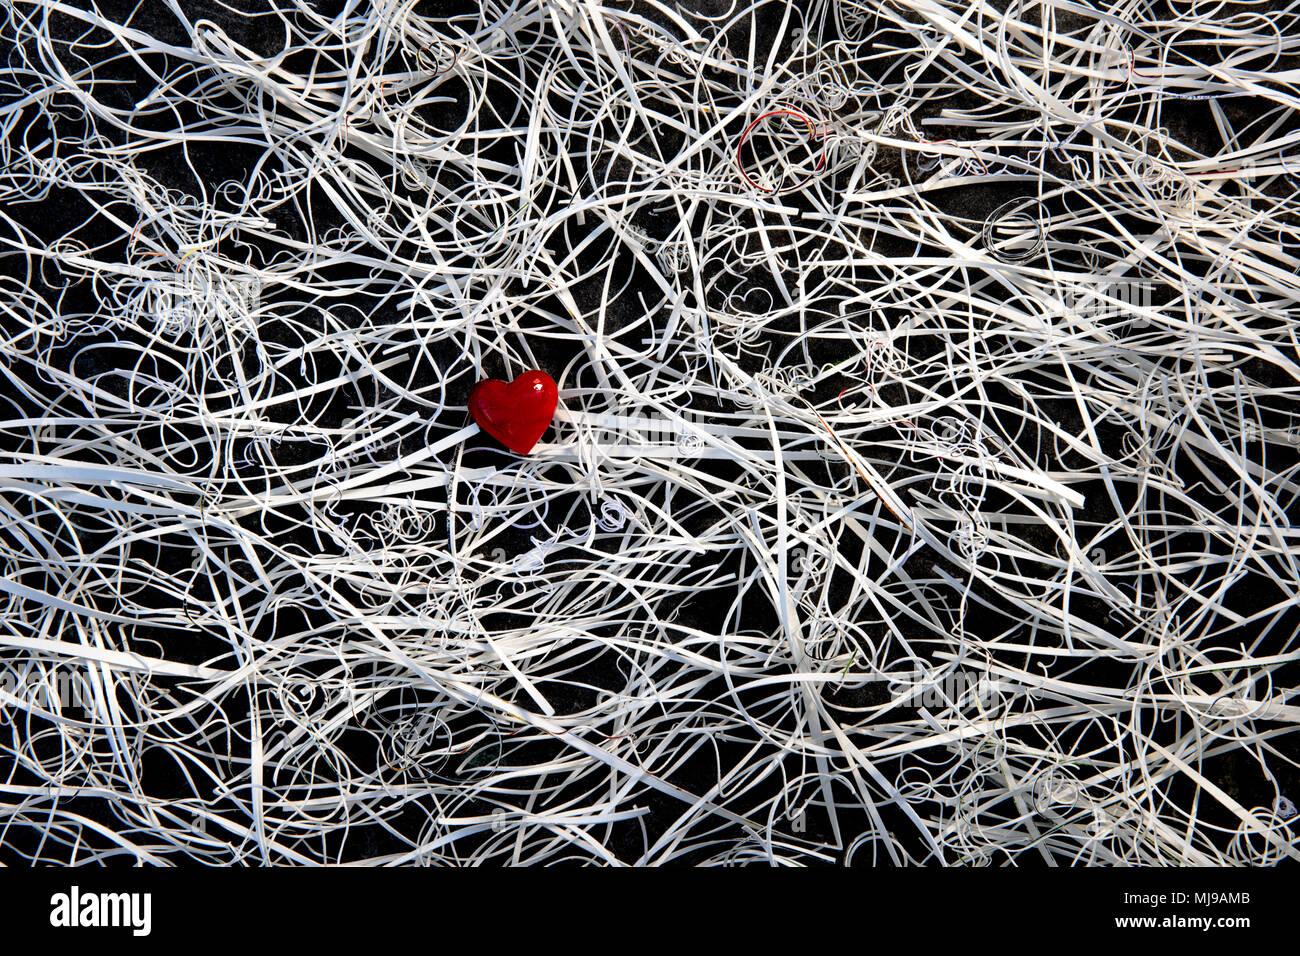 Un corazón de cristal rojo en el centro de una maraña de restos de tarjeta sobre un fondo de pizarra. Imagen De Stock